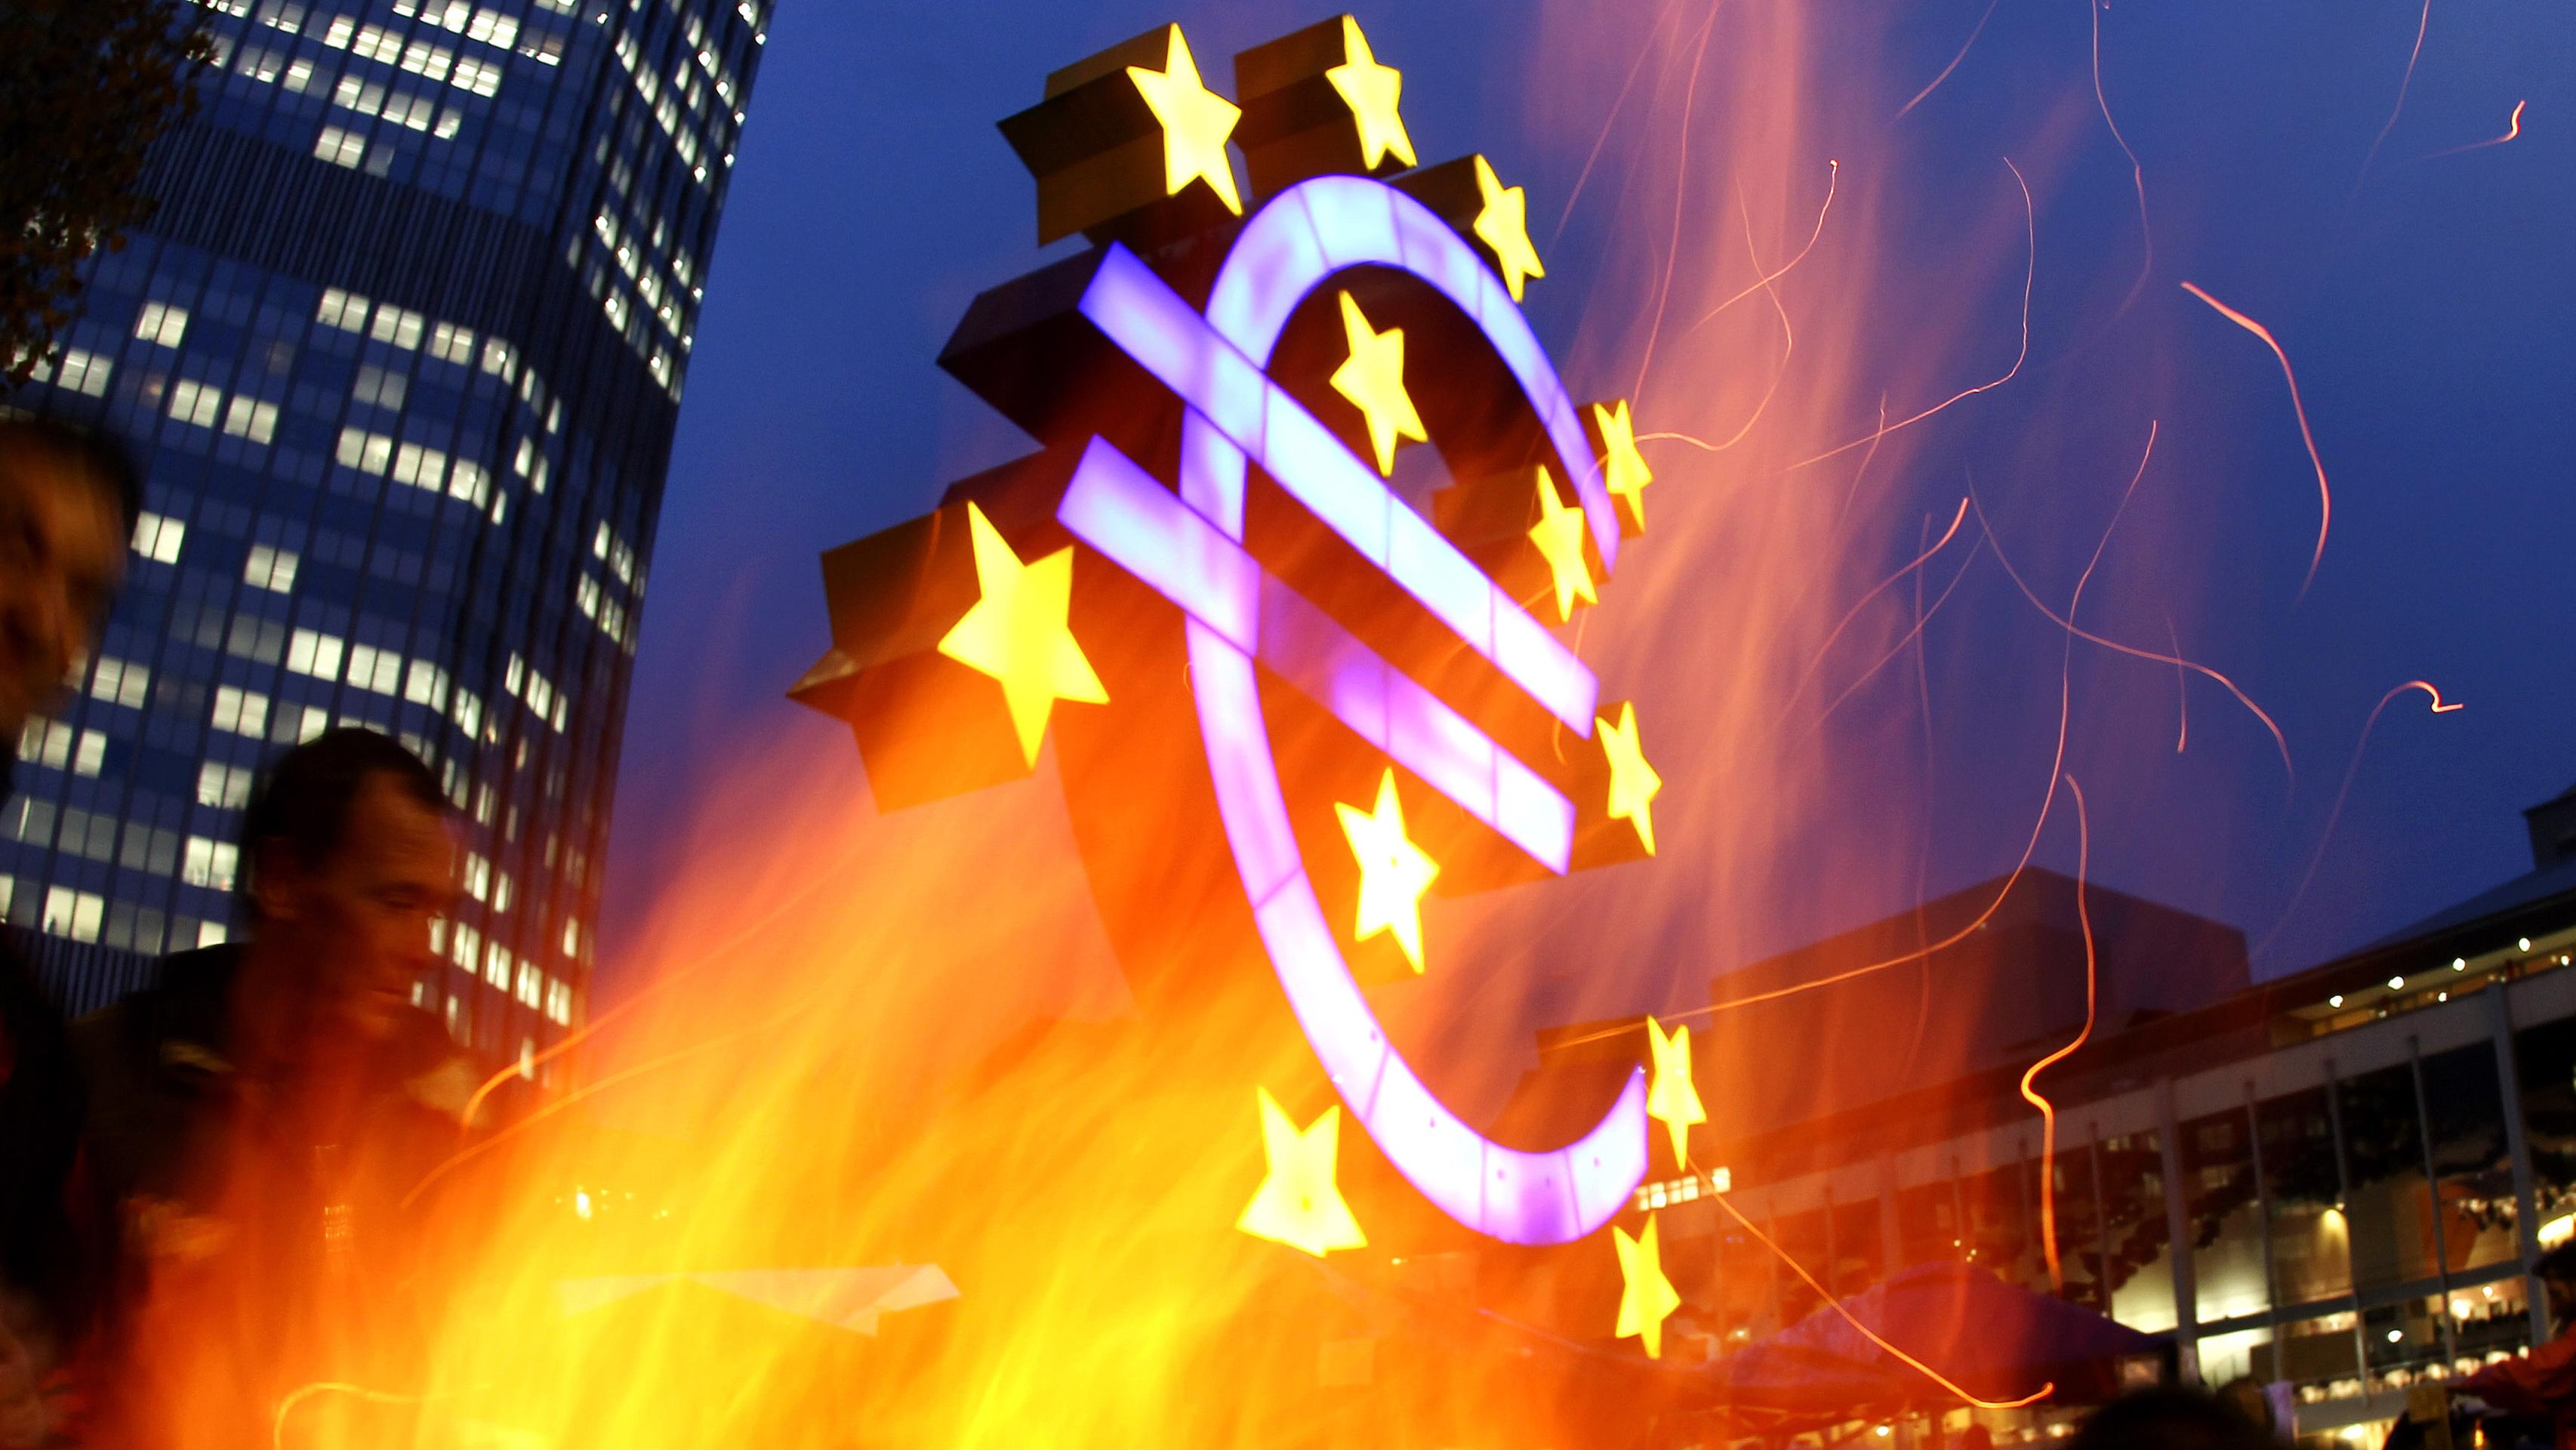 ECB euro burning